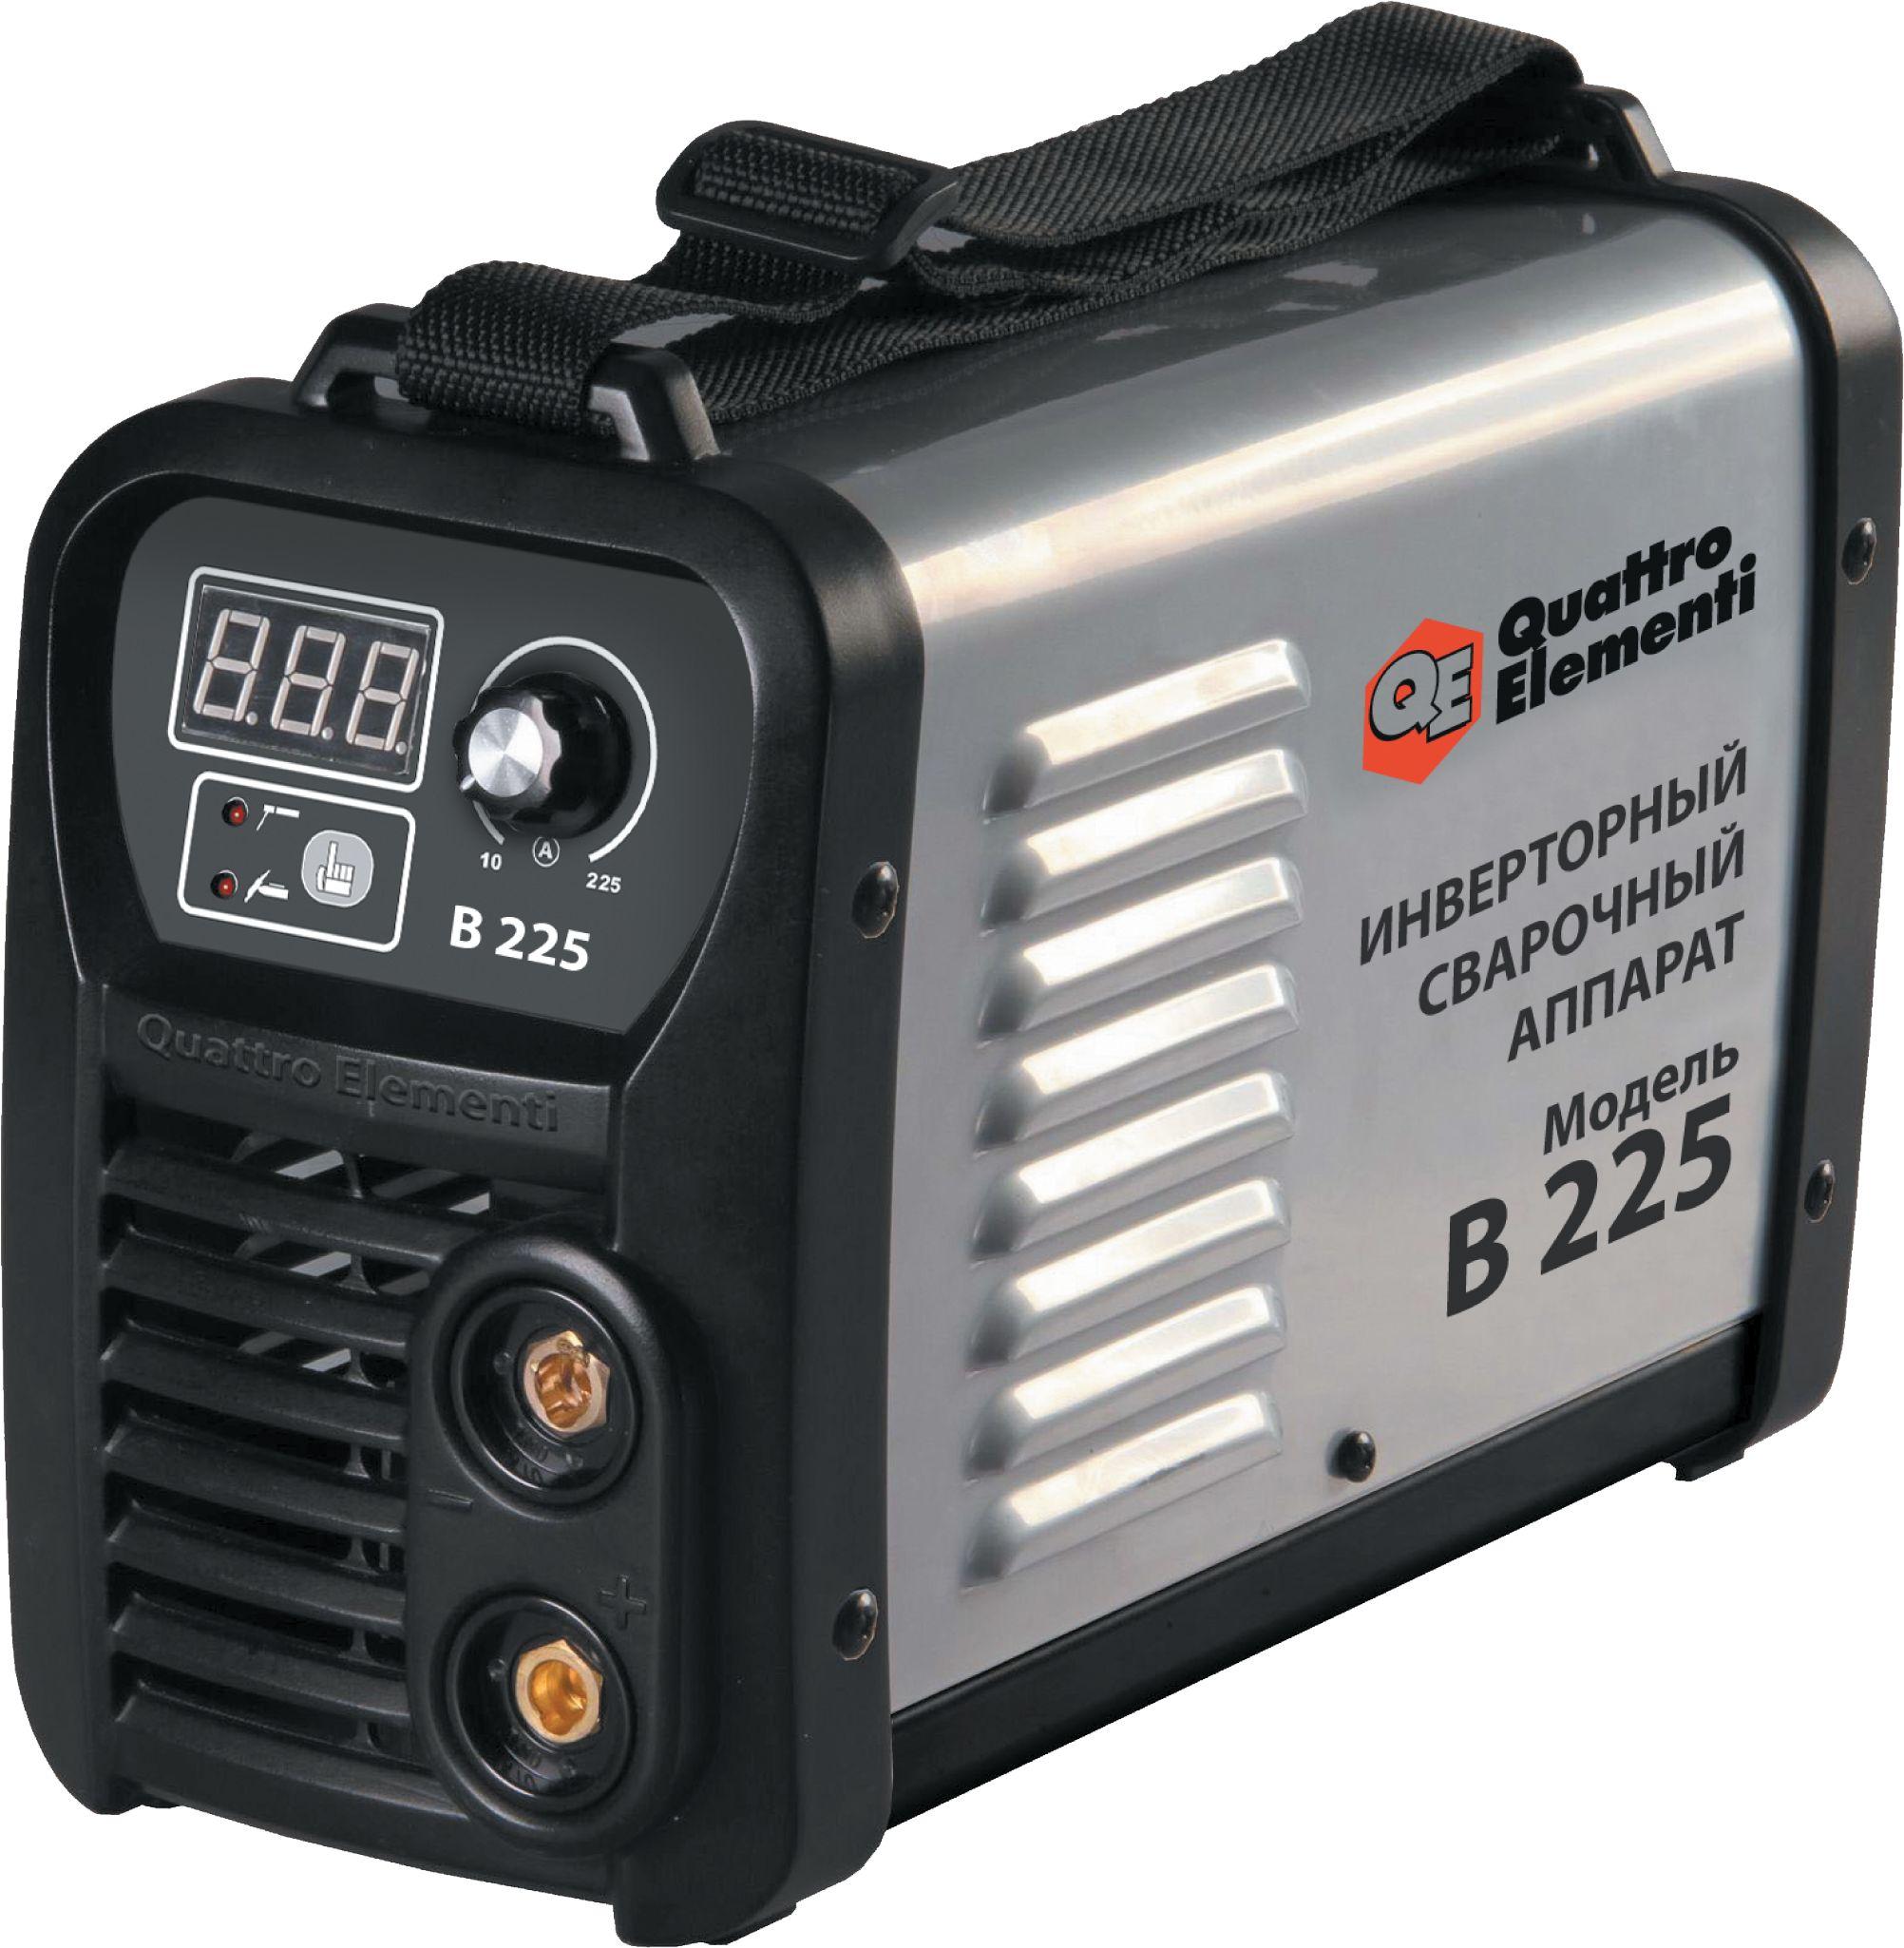 Сварочный аппарат Quattro elementi B 225 цена и фото